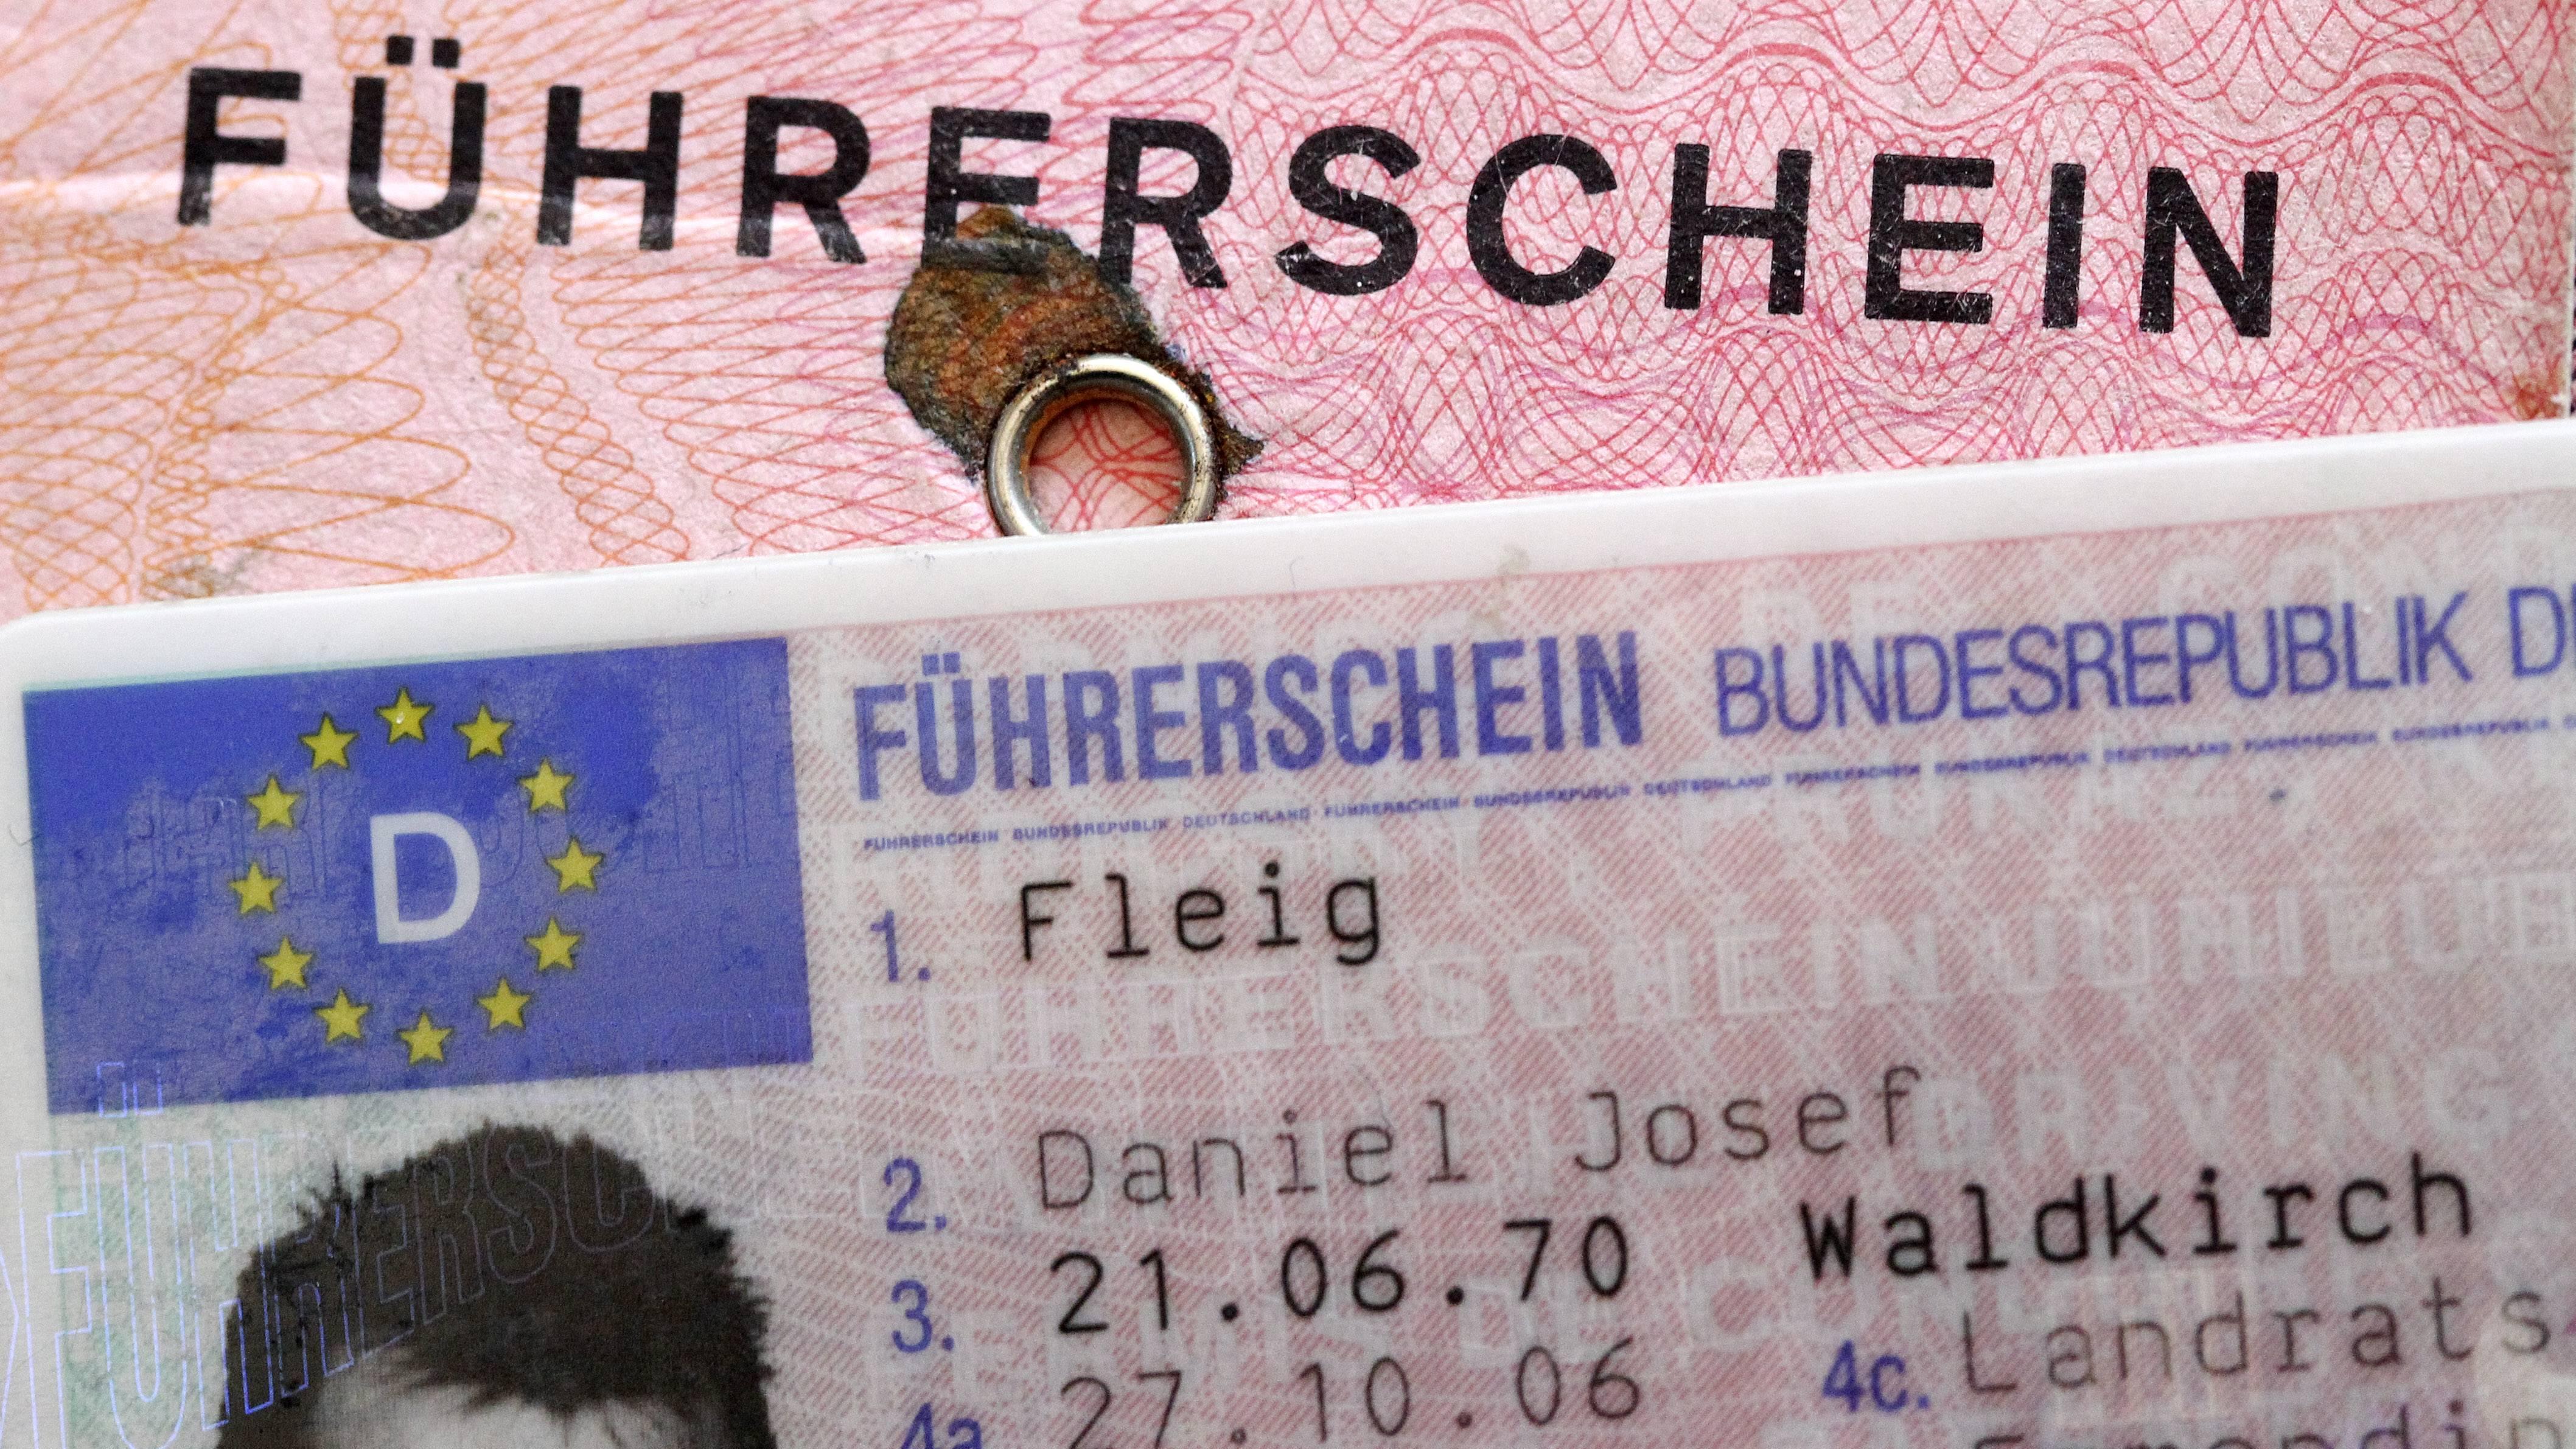 Wenn die Praktische Prüfung bestanden ist, erhalten Sie kurz darauf Ihren Führerschein.